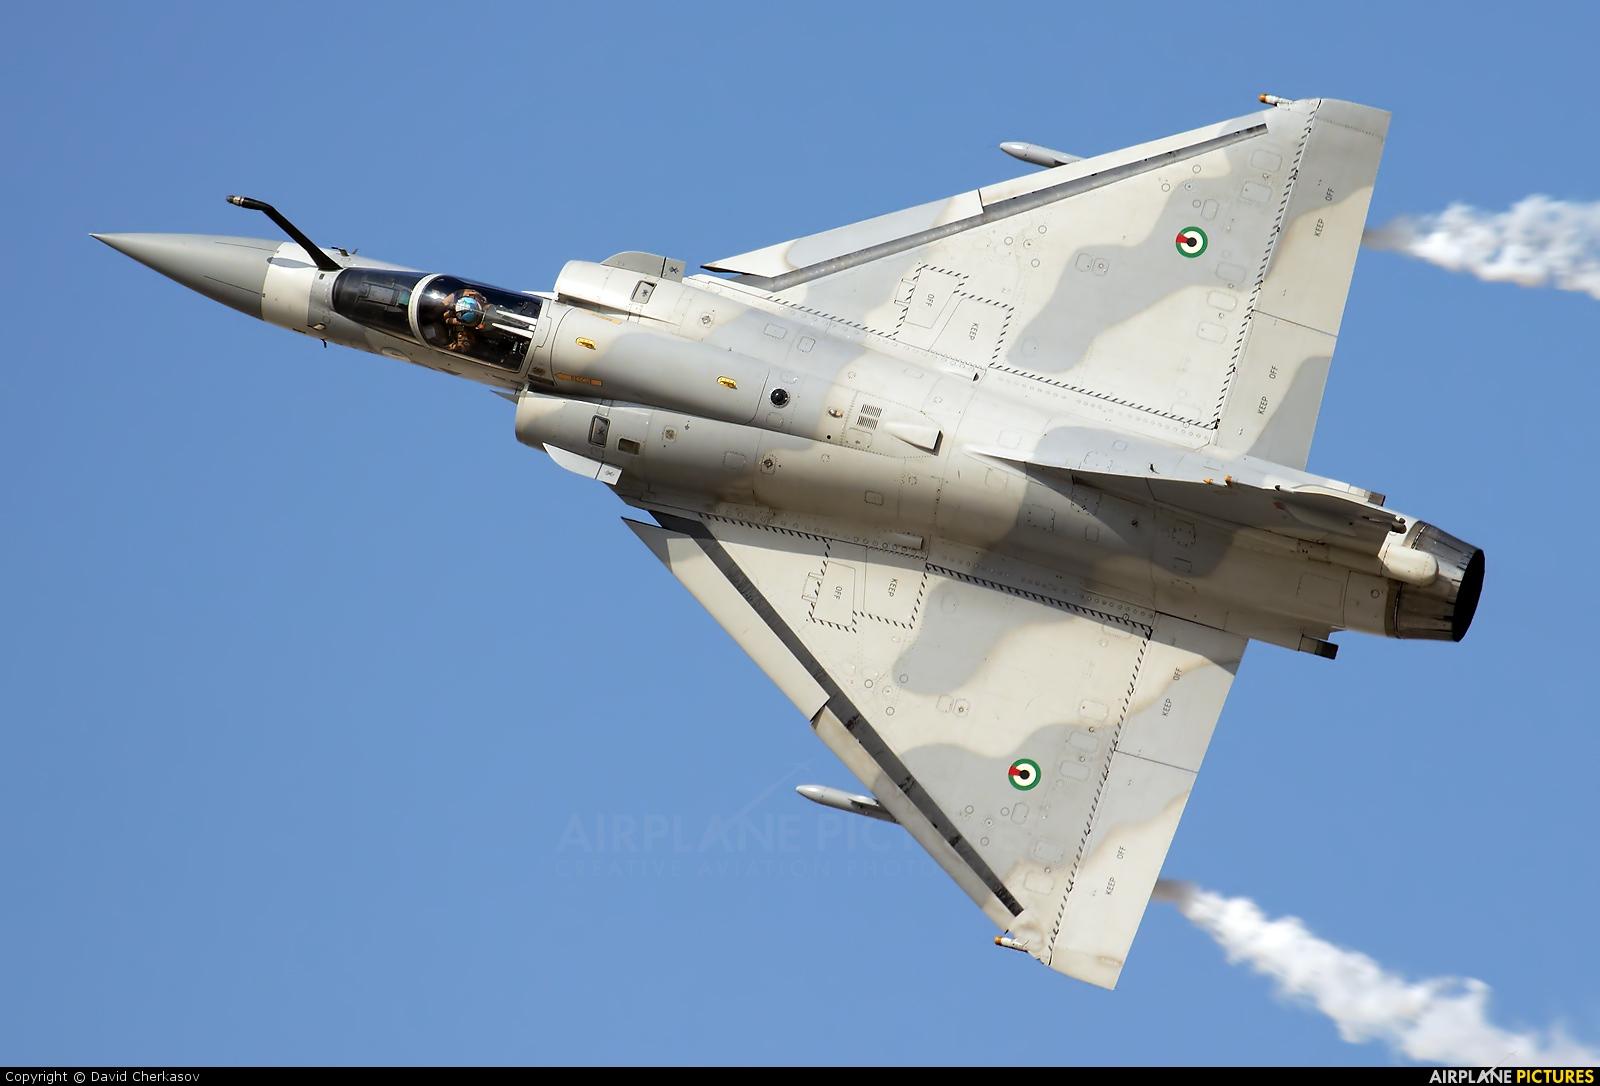 المقاتله الفرنسيه Dassault Mirage 2000  347354